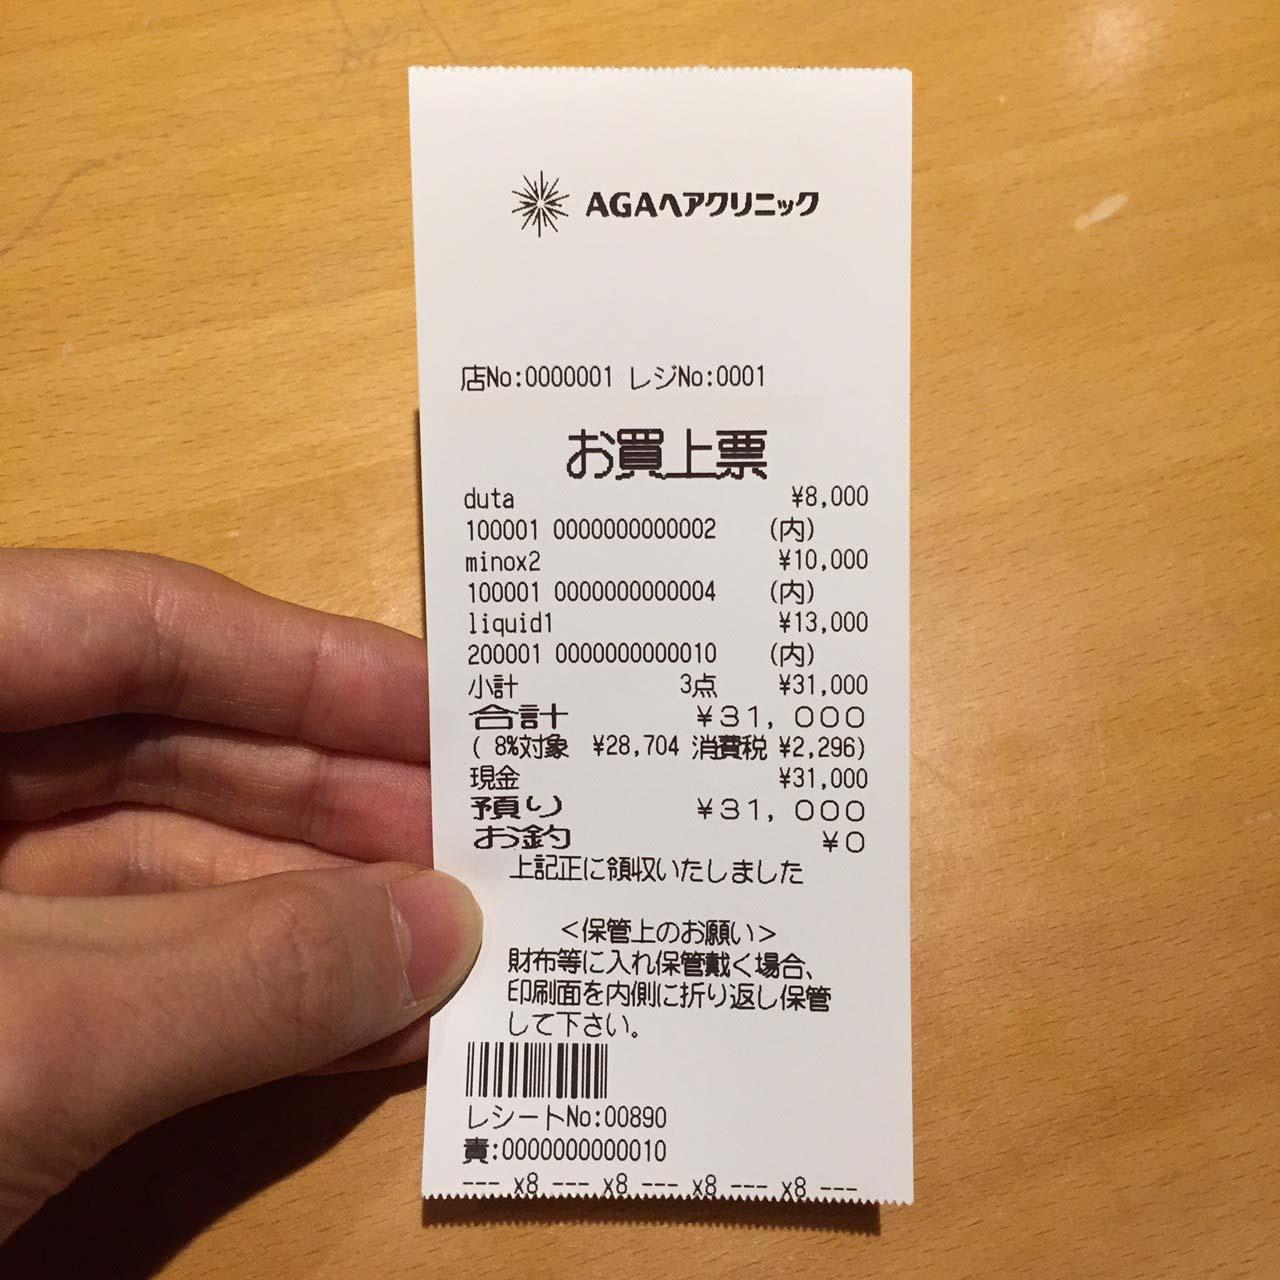 治療費(料金価格)31,000円コース